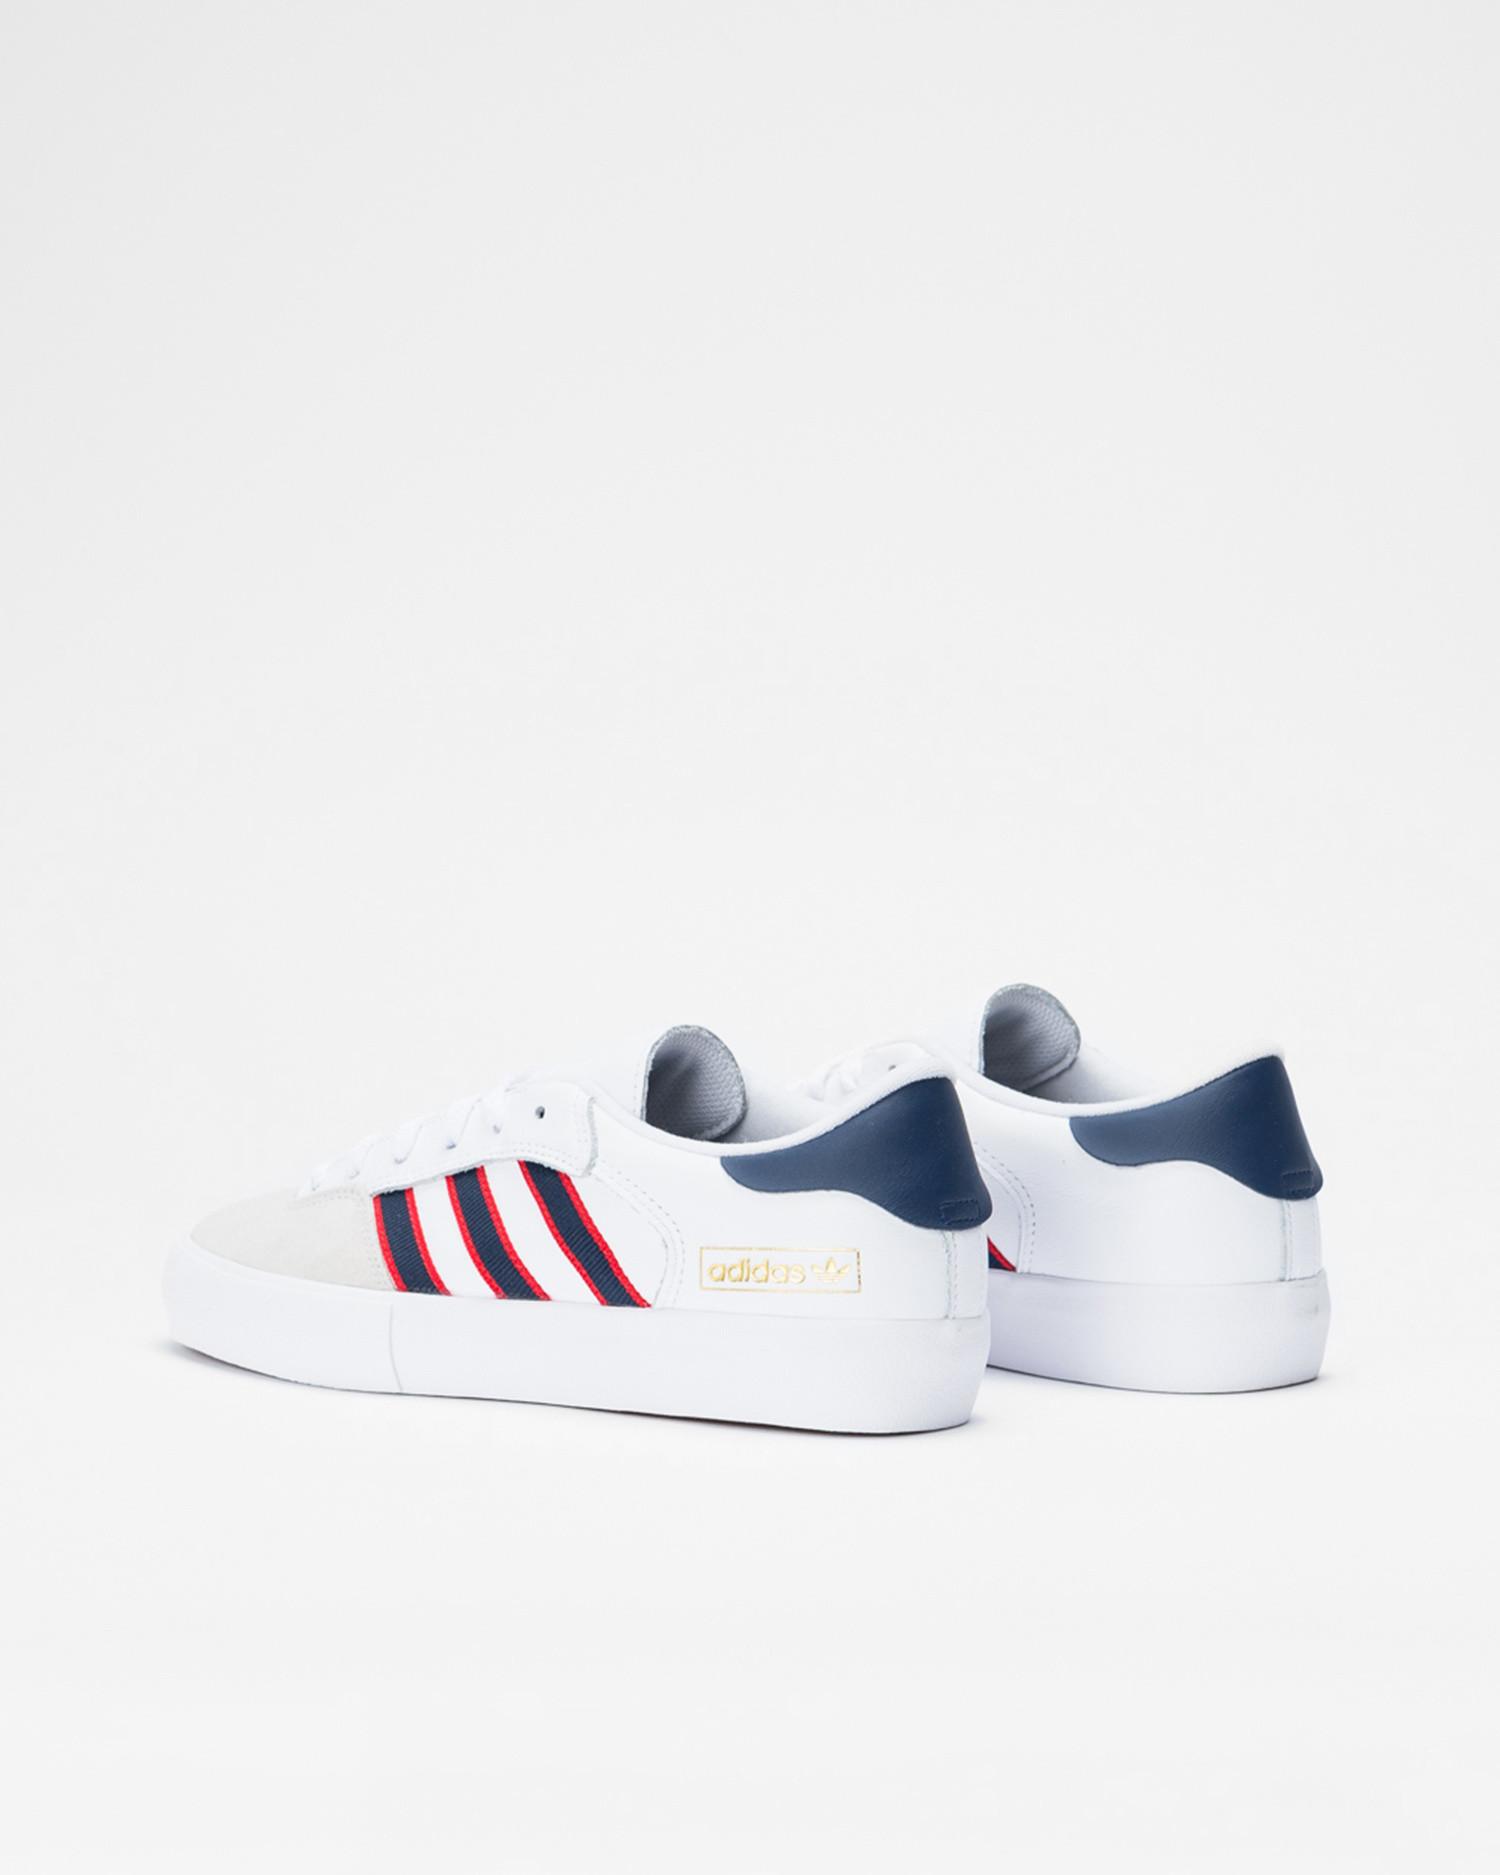 Adidas Matchbreak Super Ftwwht/Conavy/Scarl